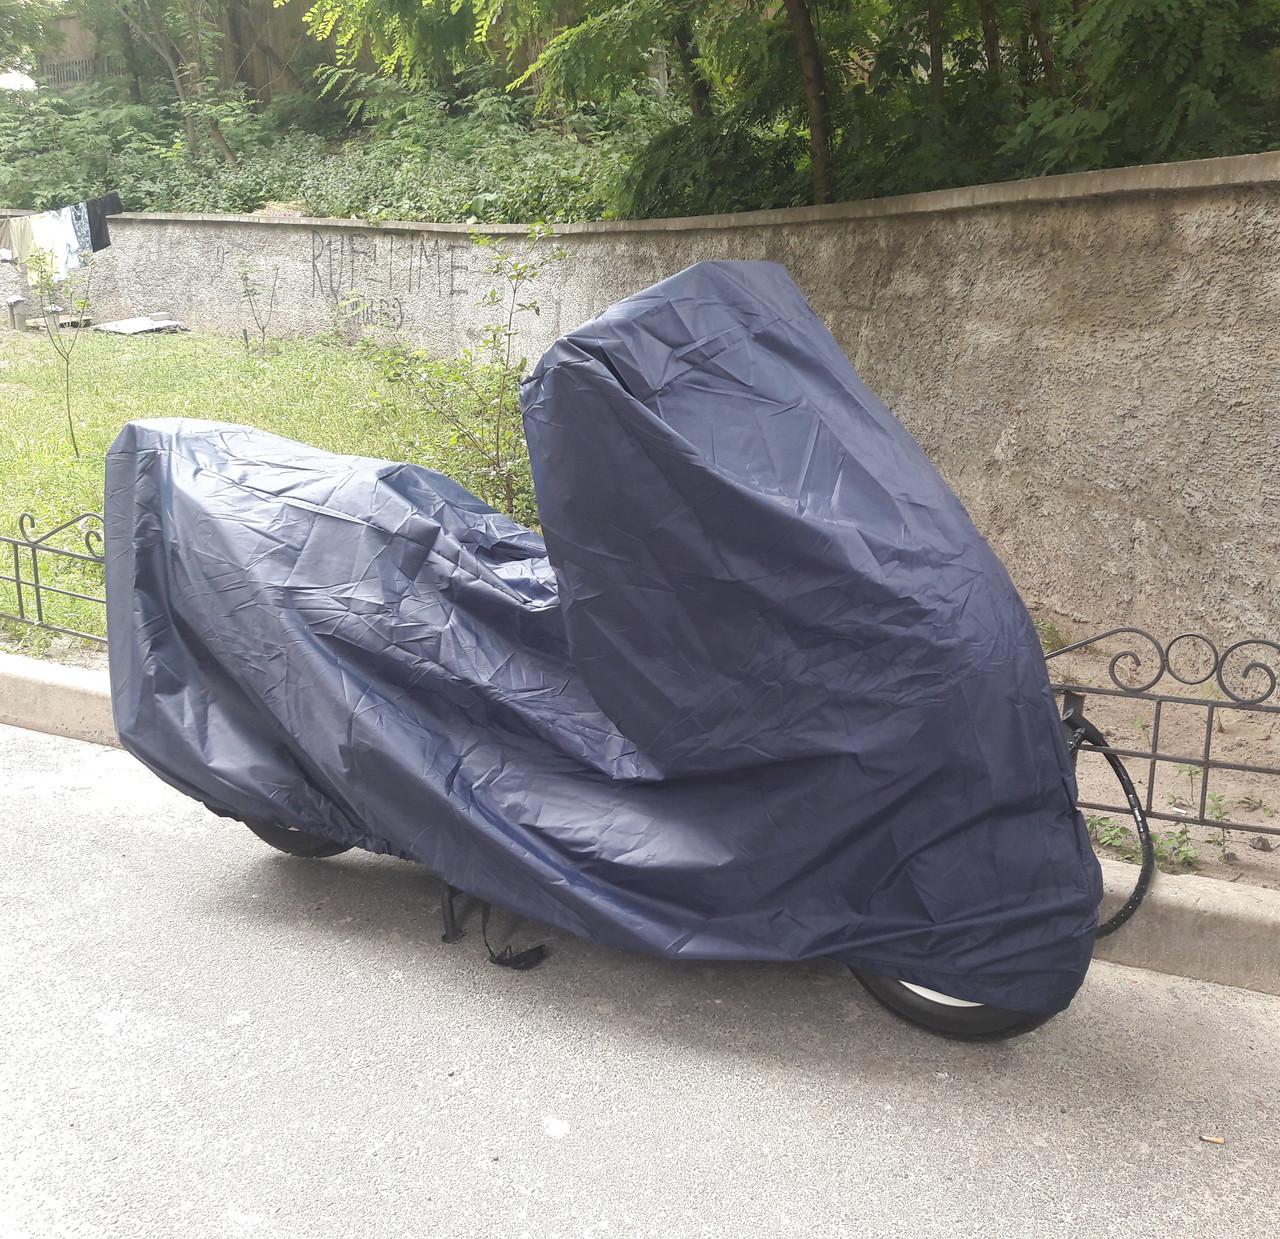 Моточохол MotoSkarb Slim розмір XXL (260х100х150 см)